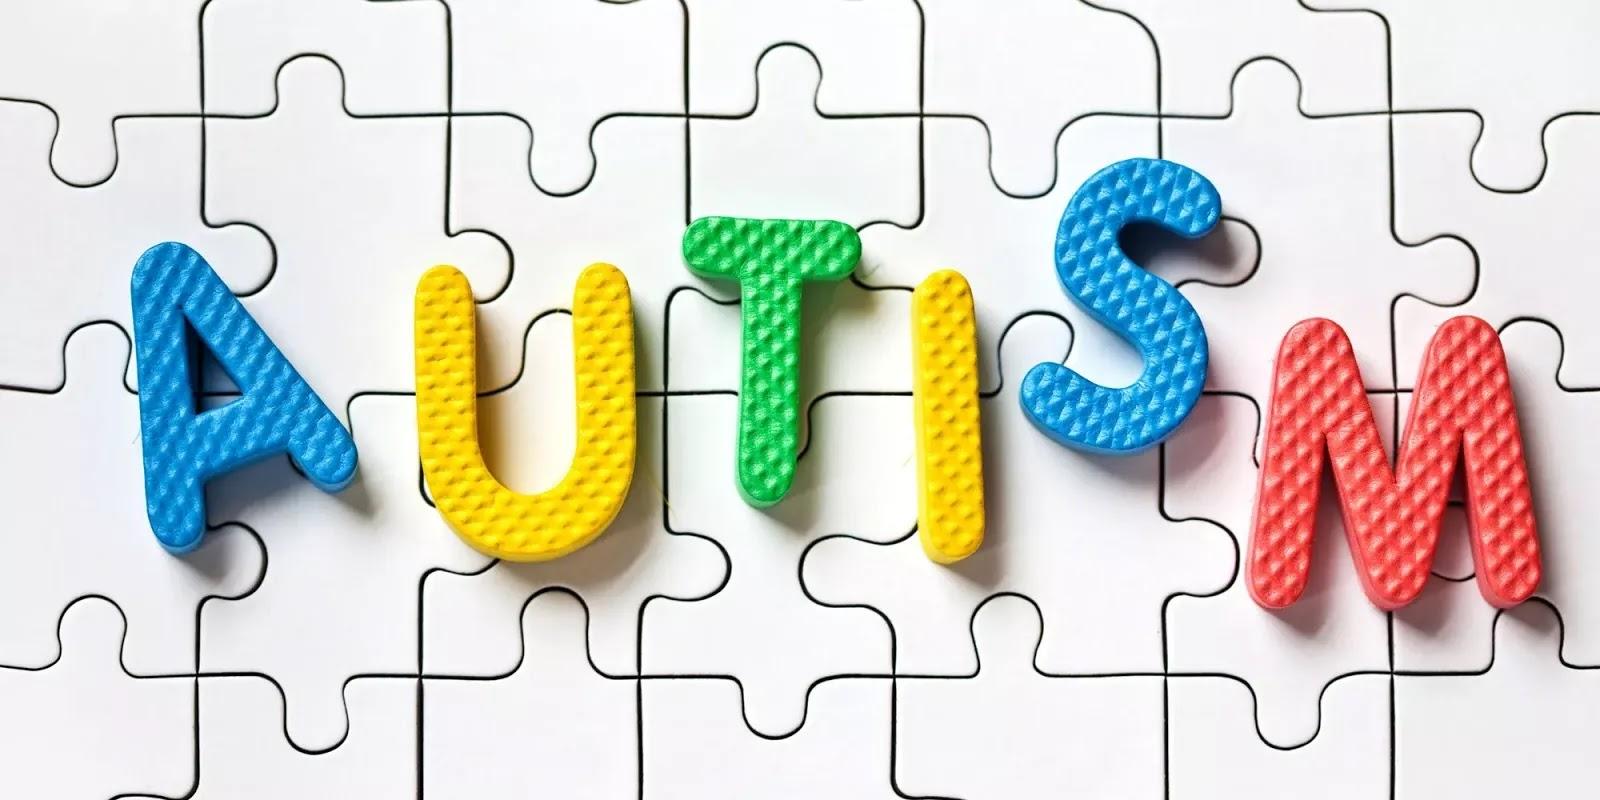 Εκπαιδευτικές παρεμβάσεις και καλές πρακτικές για παιδιά με Διαταραχή Αυτιστικού  Φάσματος - ΗΛΕΚΤΡΟΝΙΚΗ ΔΙΔΑΣΚΑΛΙΑ